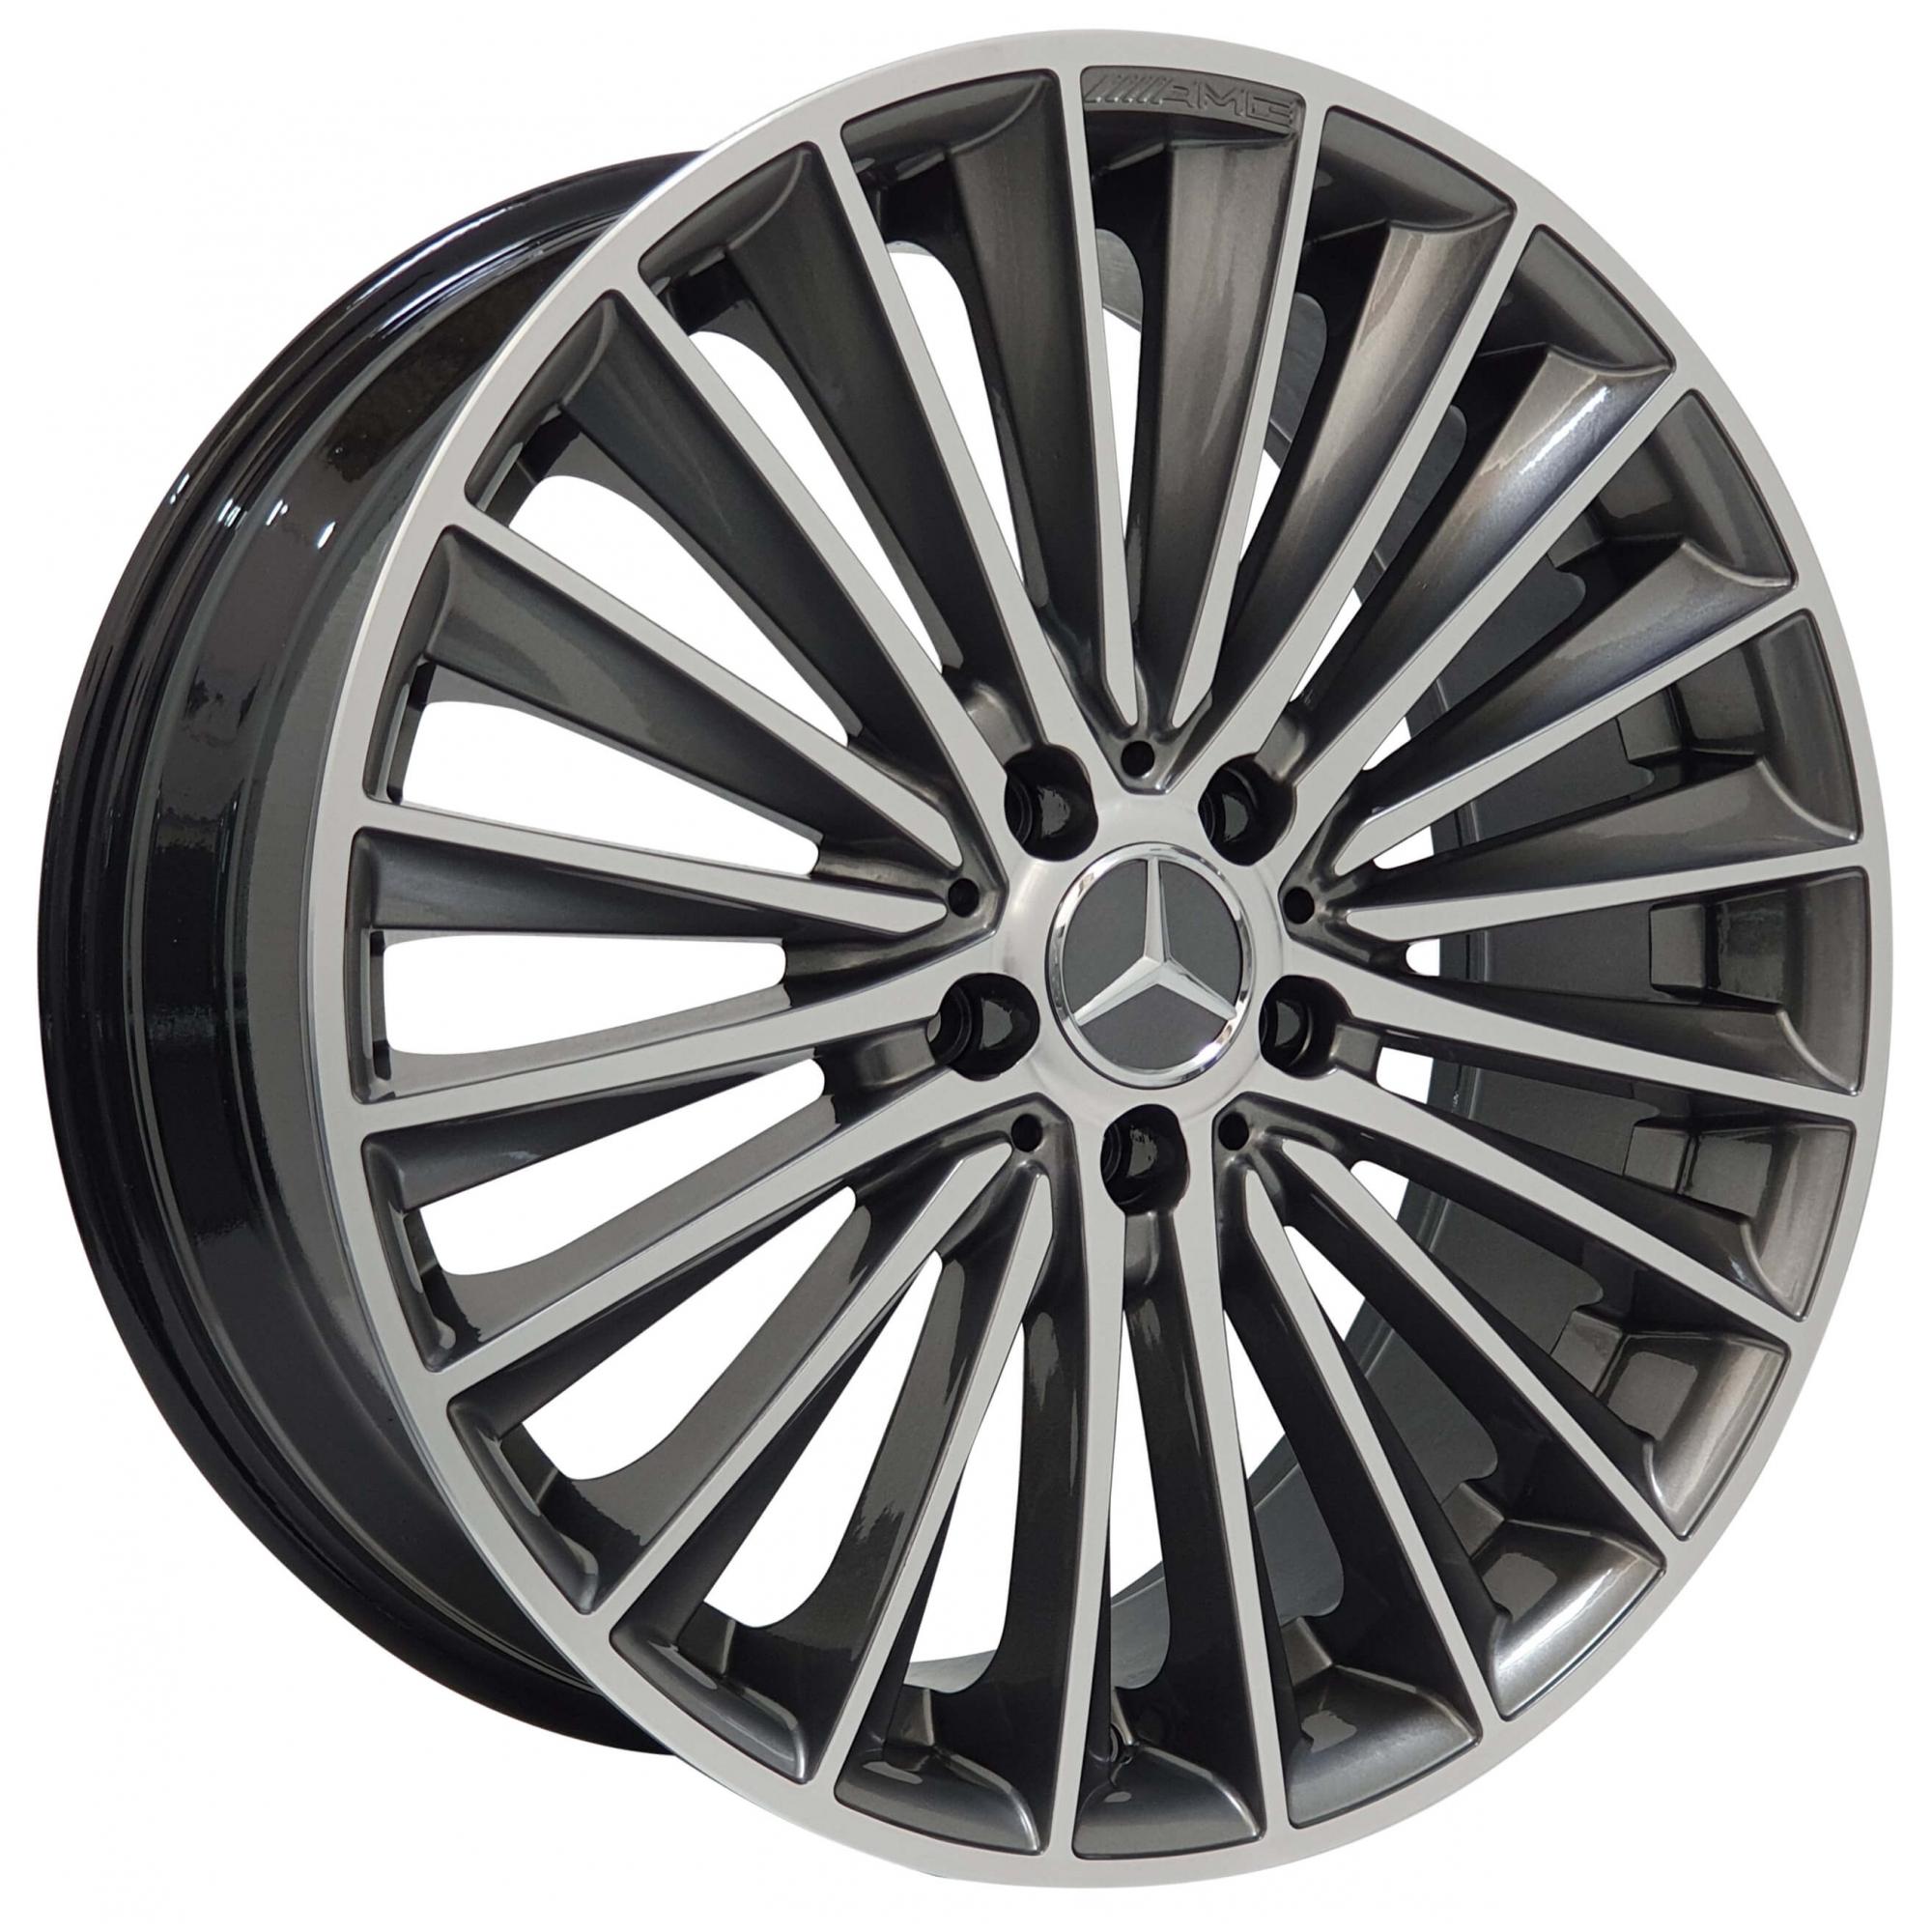 Jogo Rodas Mercedes C200 Zeus ZWMA3 20x8/9 5x112 (ET55/50) Grafite Diamantado Brilhante